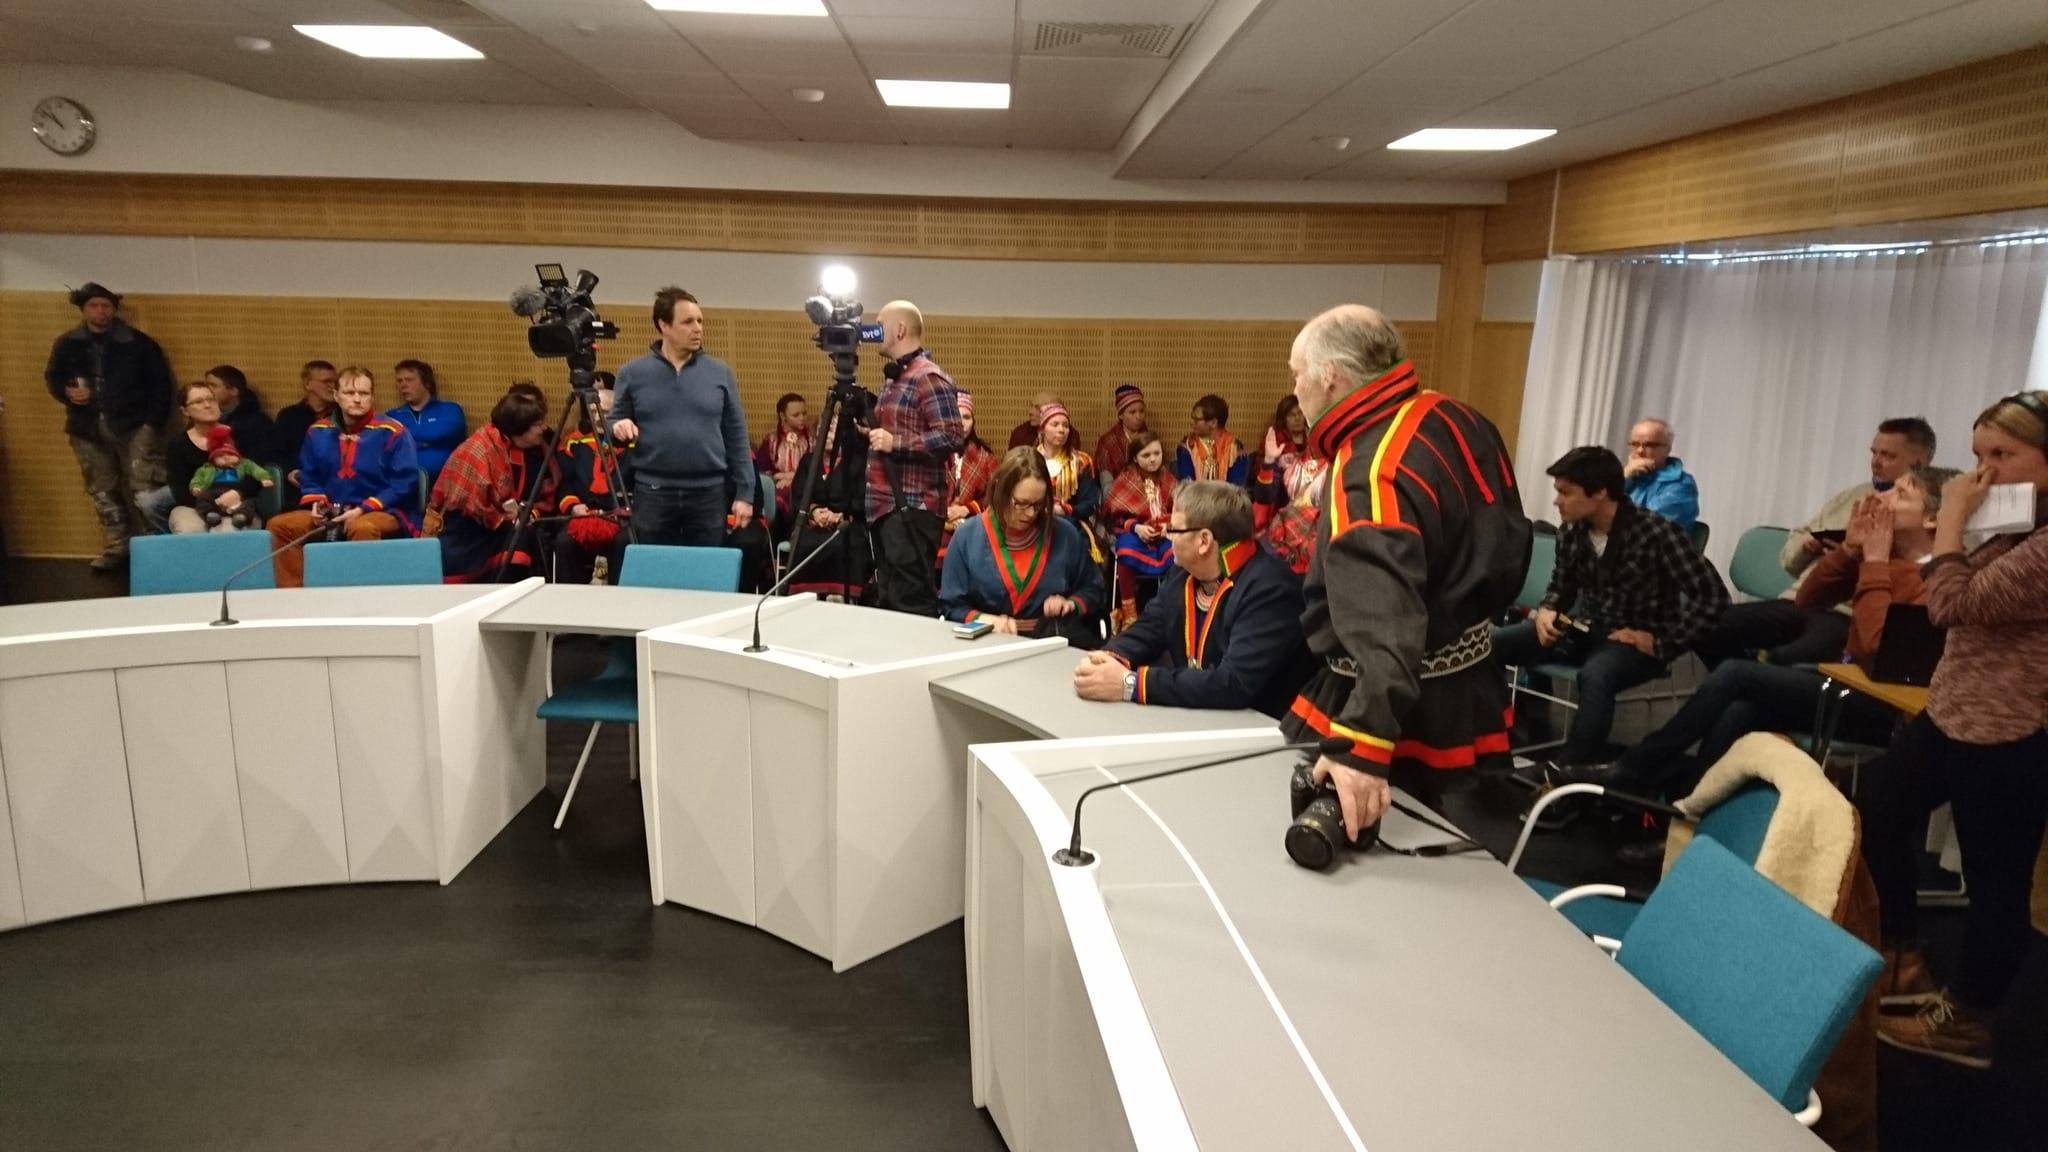 Det var stort pressuppbåd när dom i Girjasmålet avkunnades. Foto: Lars-Henrik Andersson